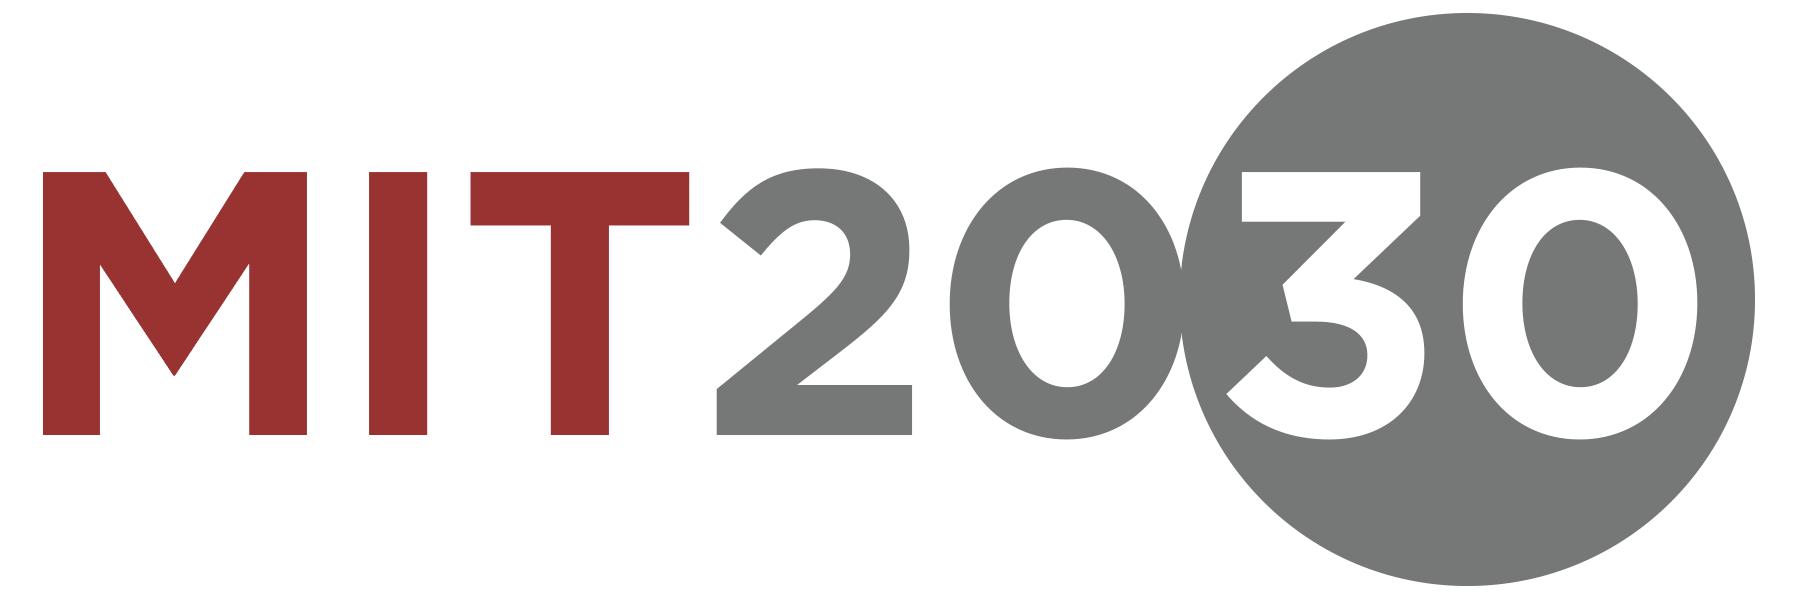 MIT 2030 logo